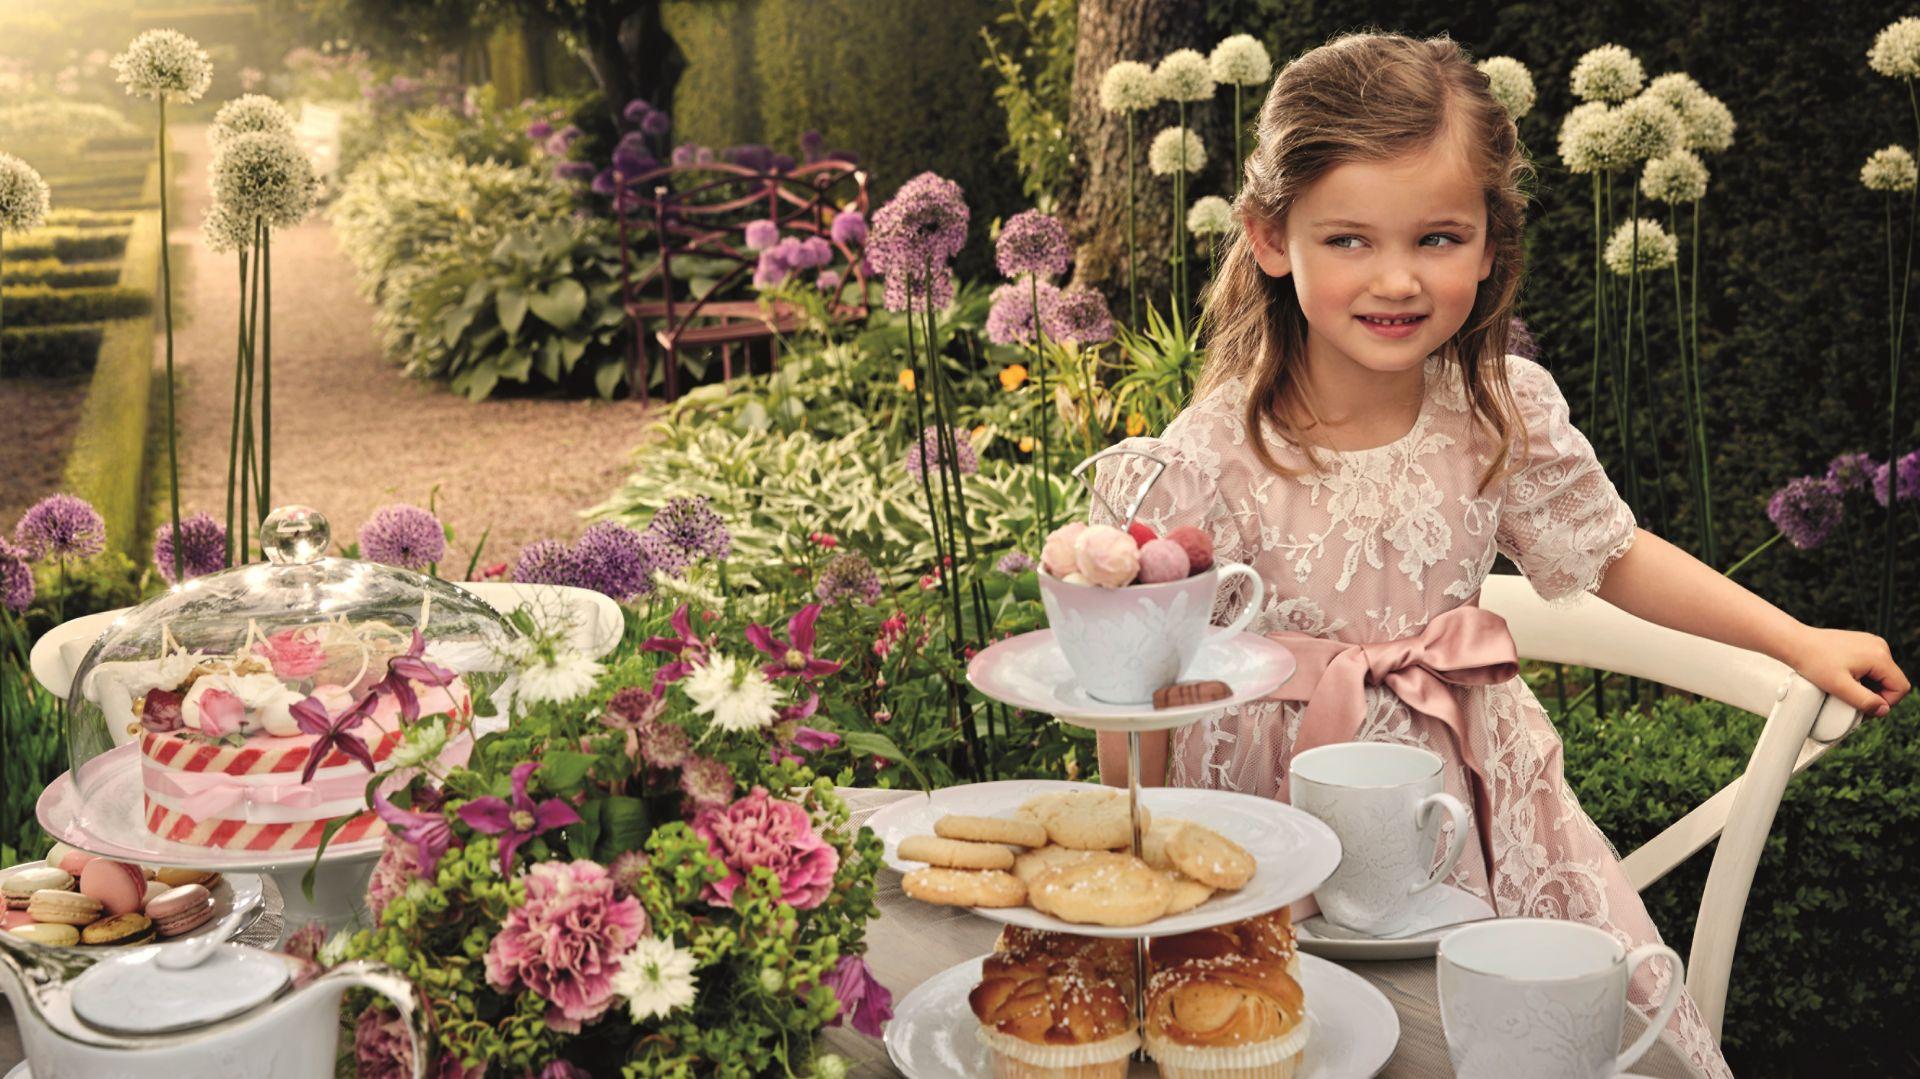 Przyjęcia dla najmłodszych w pięknej oprawie: serwis Lace. Fot. Fyrklövern